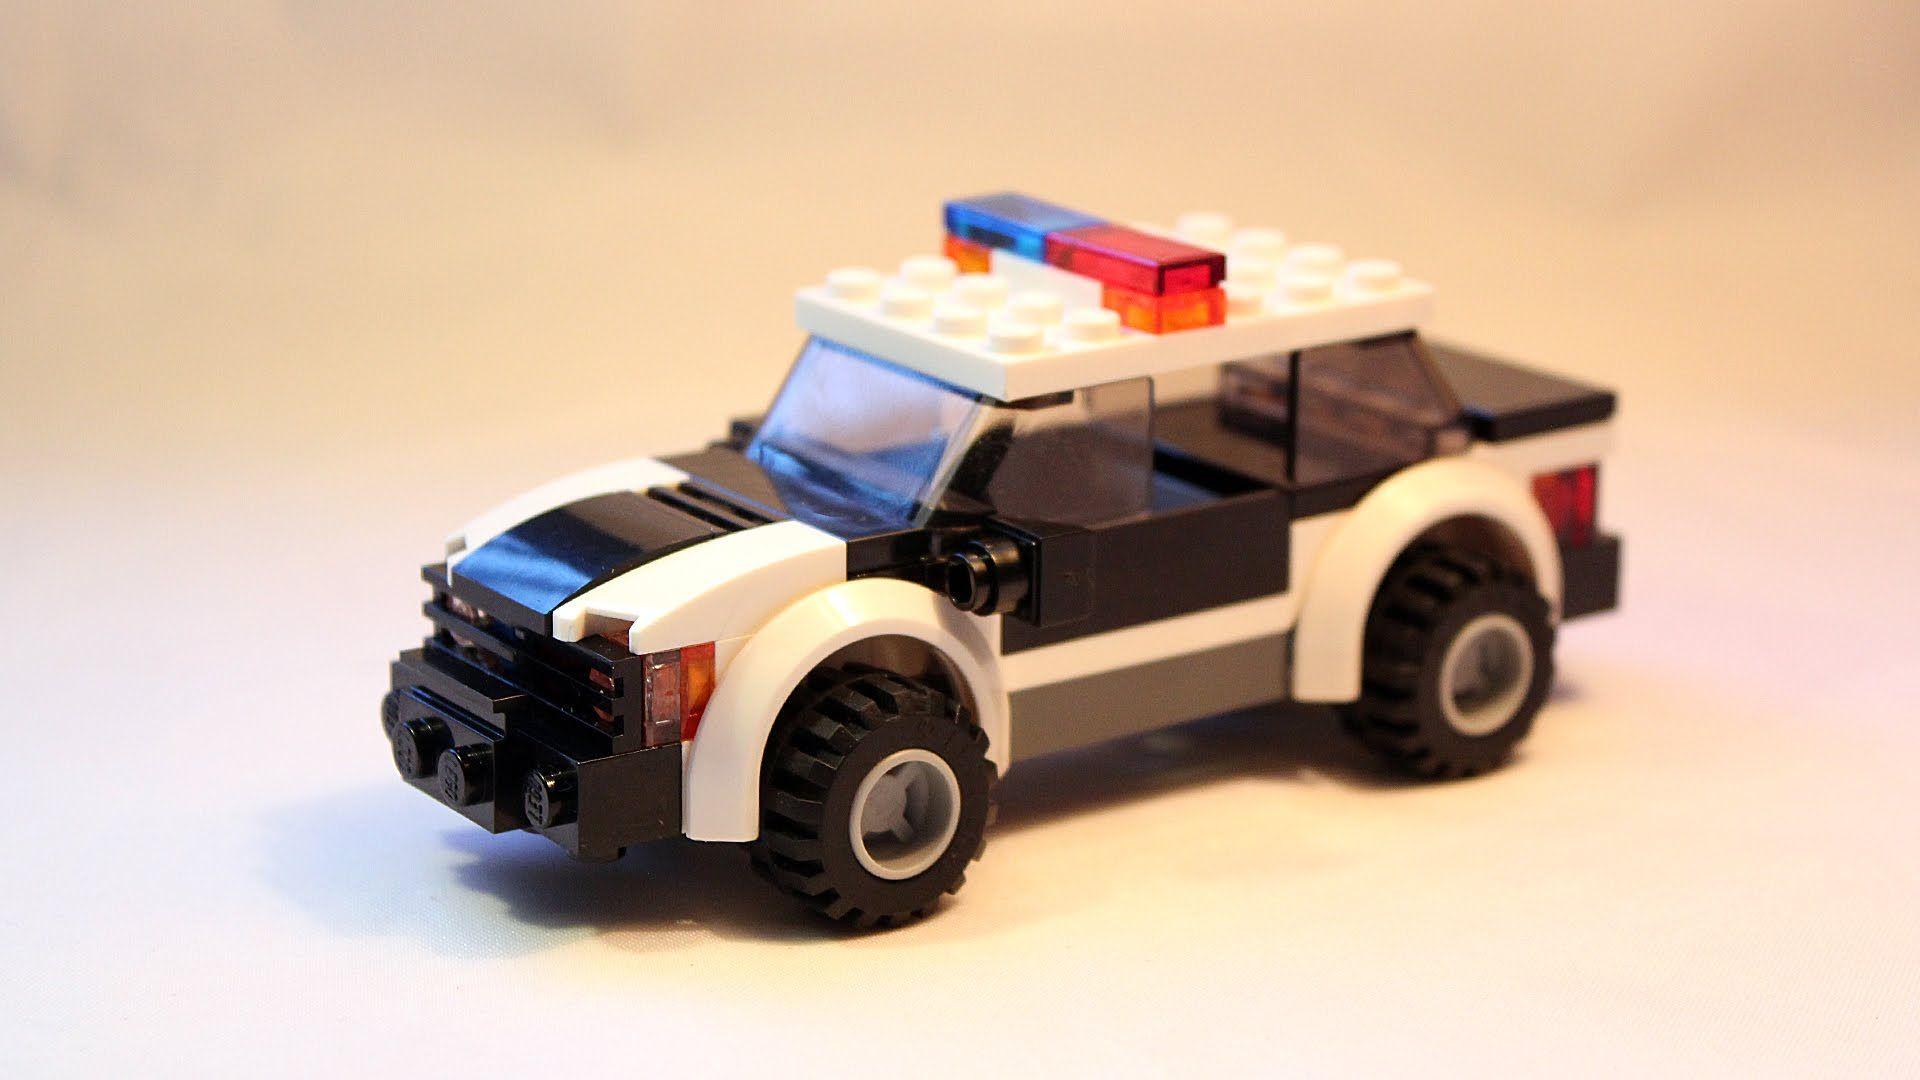 Custom Lego Moc Police Patrol Car Building Instructions Lego Police Lego Cars Lego